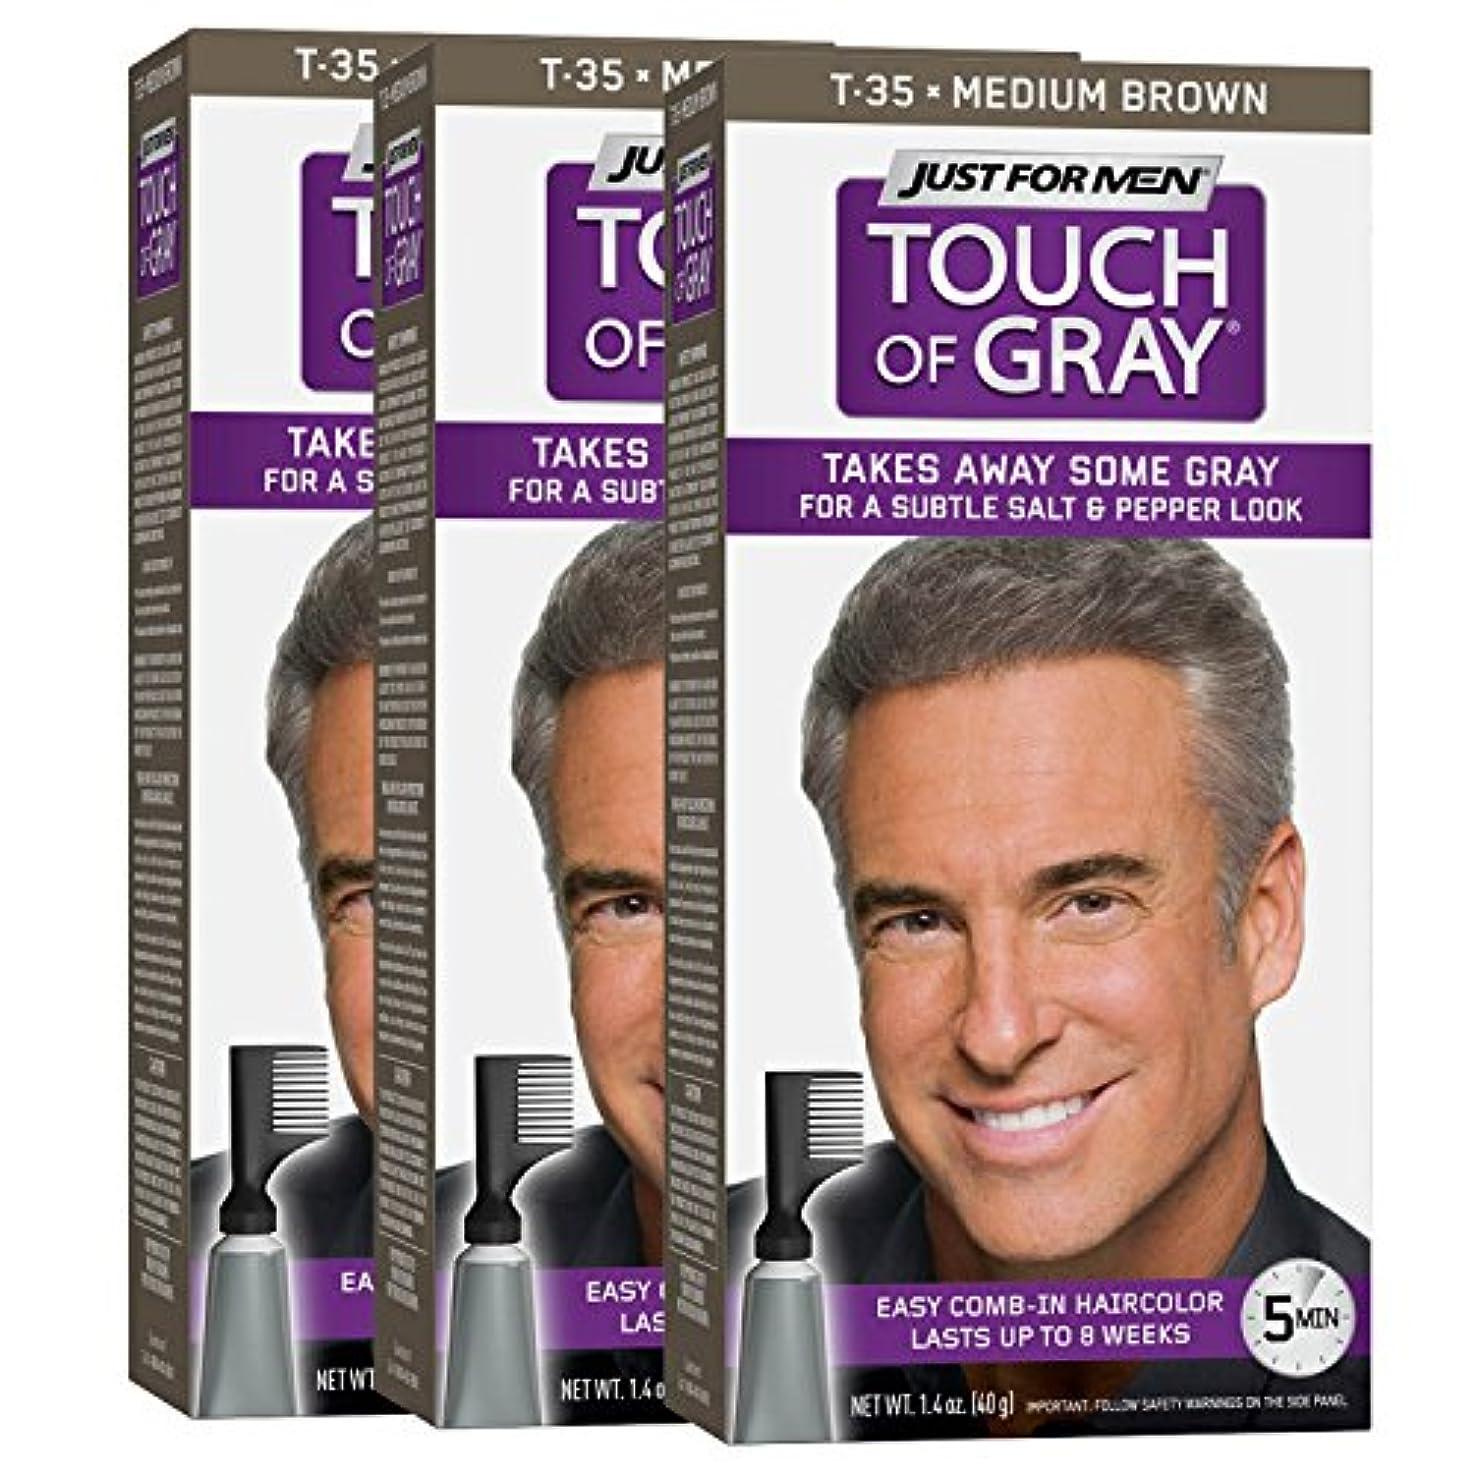 パンサー立方体レンチJust for Men グレーくしメンズヘアカラー、ミディアムブラウンの感触(3パック) 3パック ミディアムブラウン